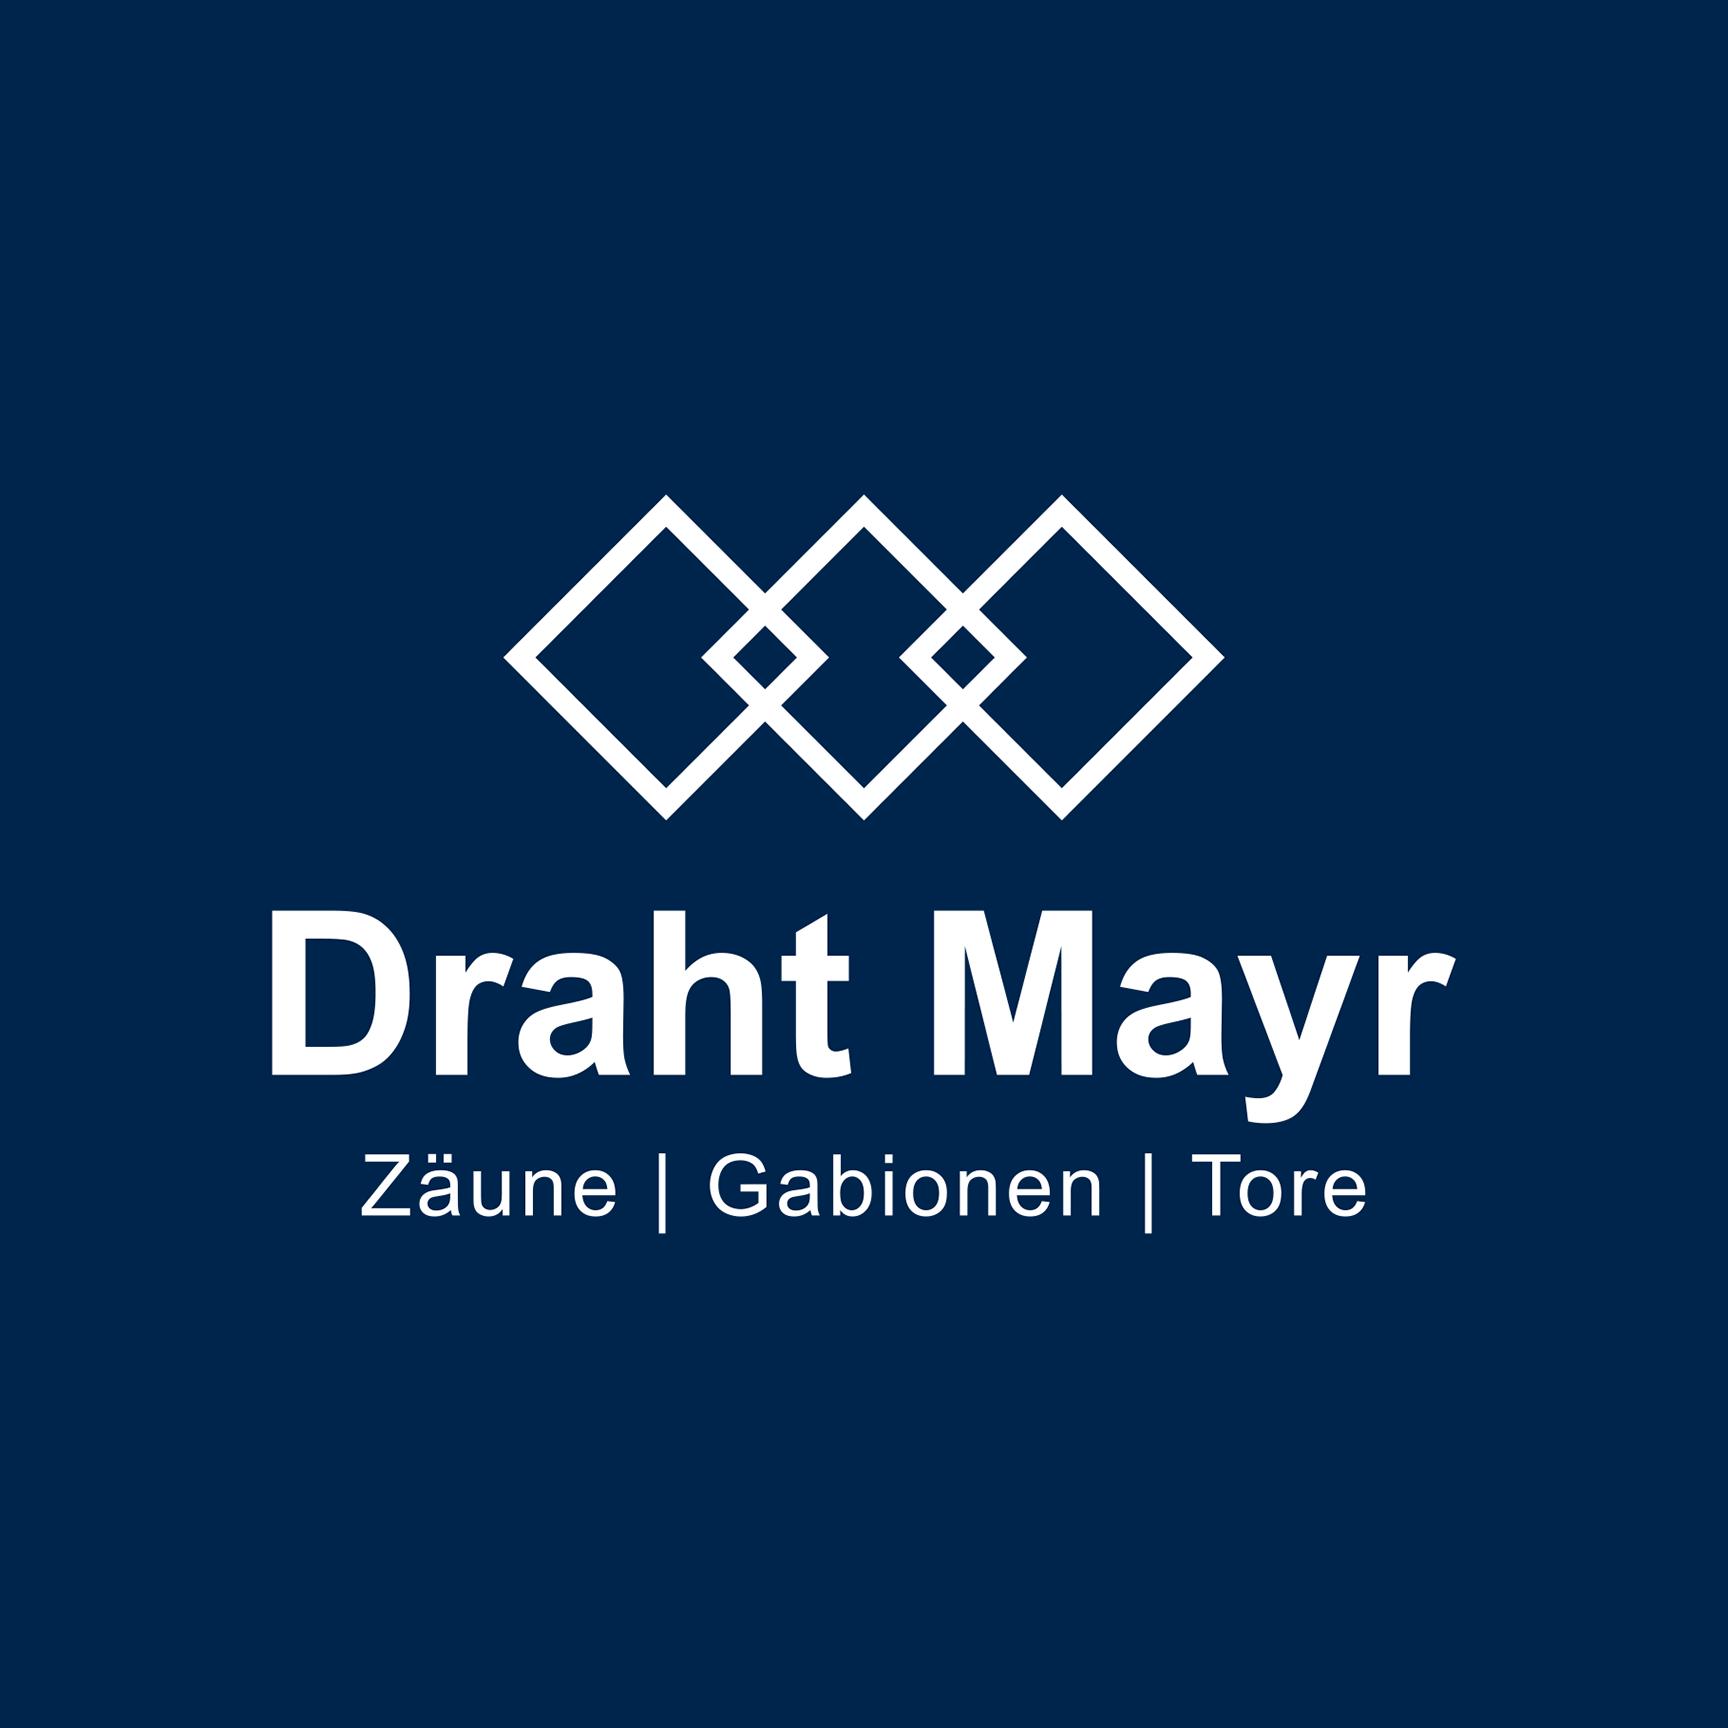 DrahtMayr_Logo2021